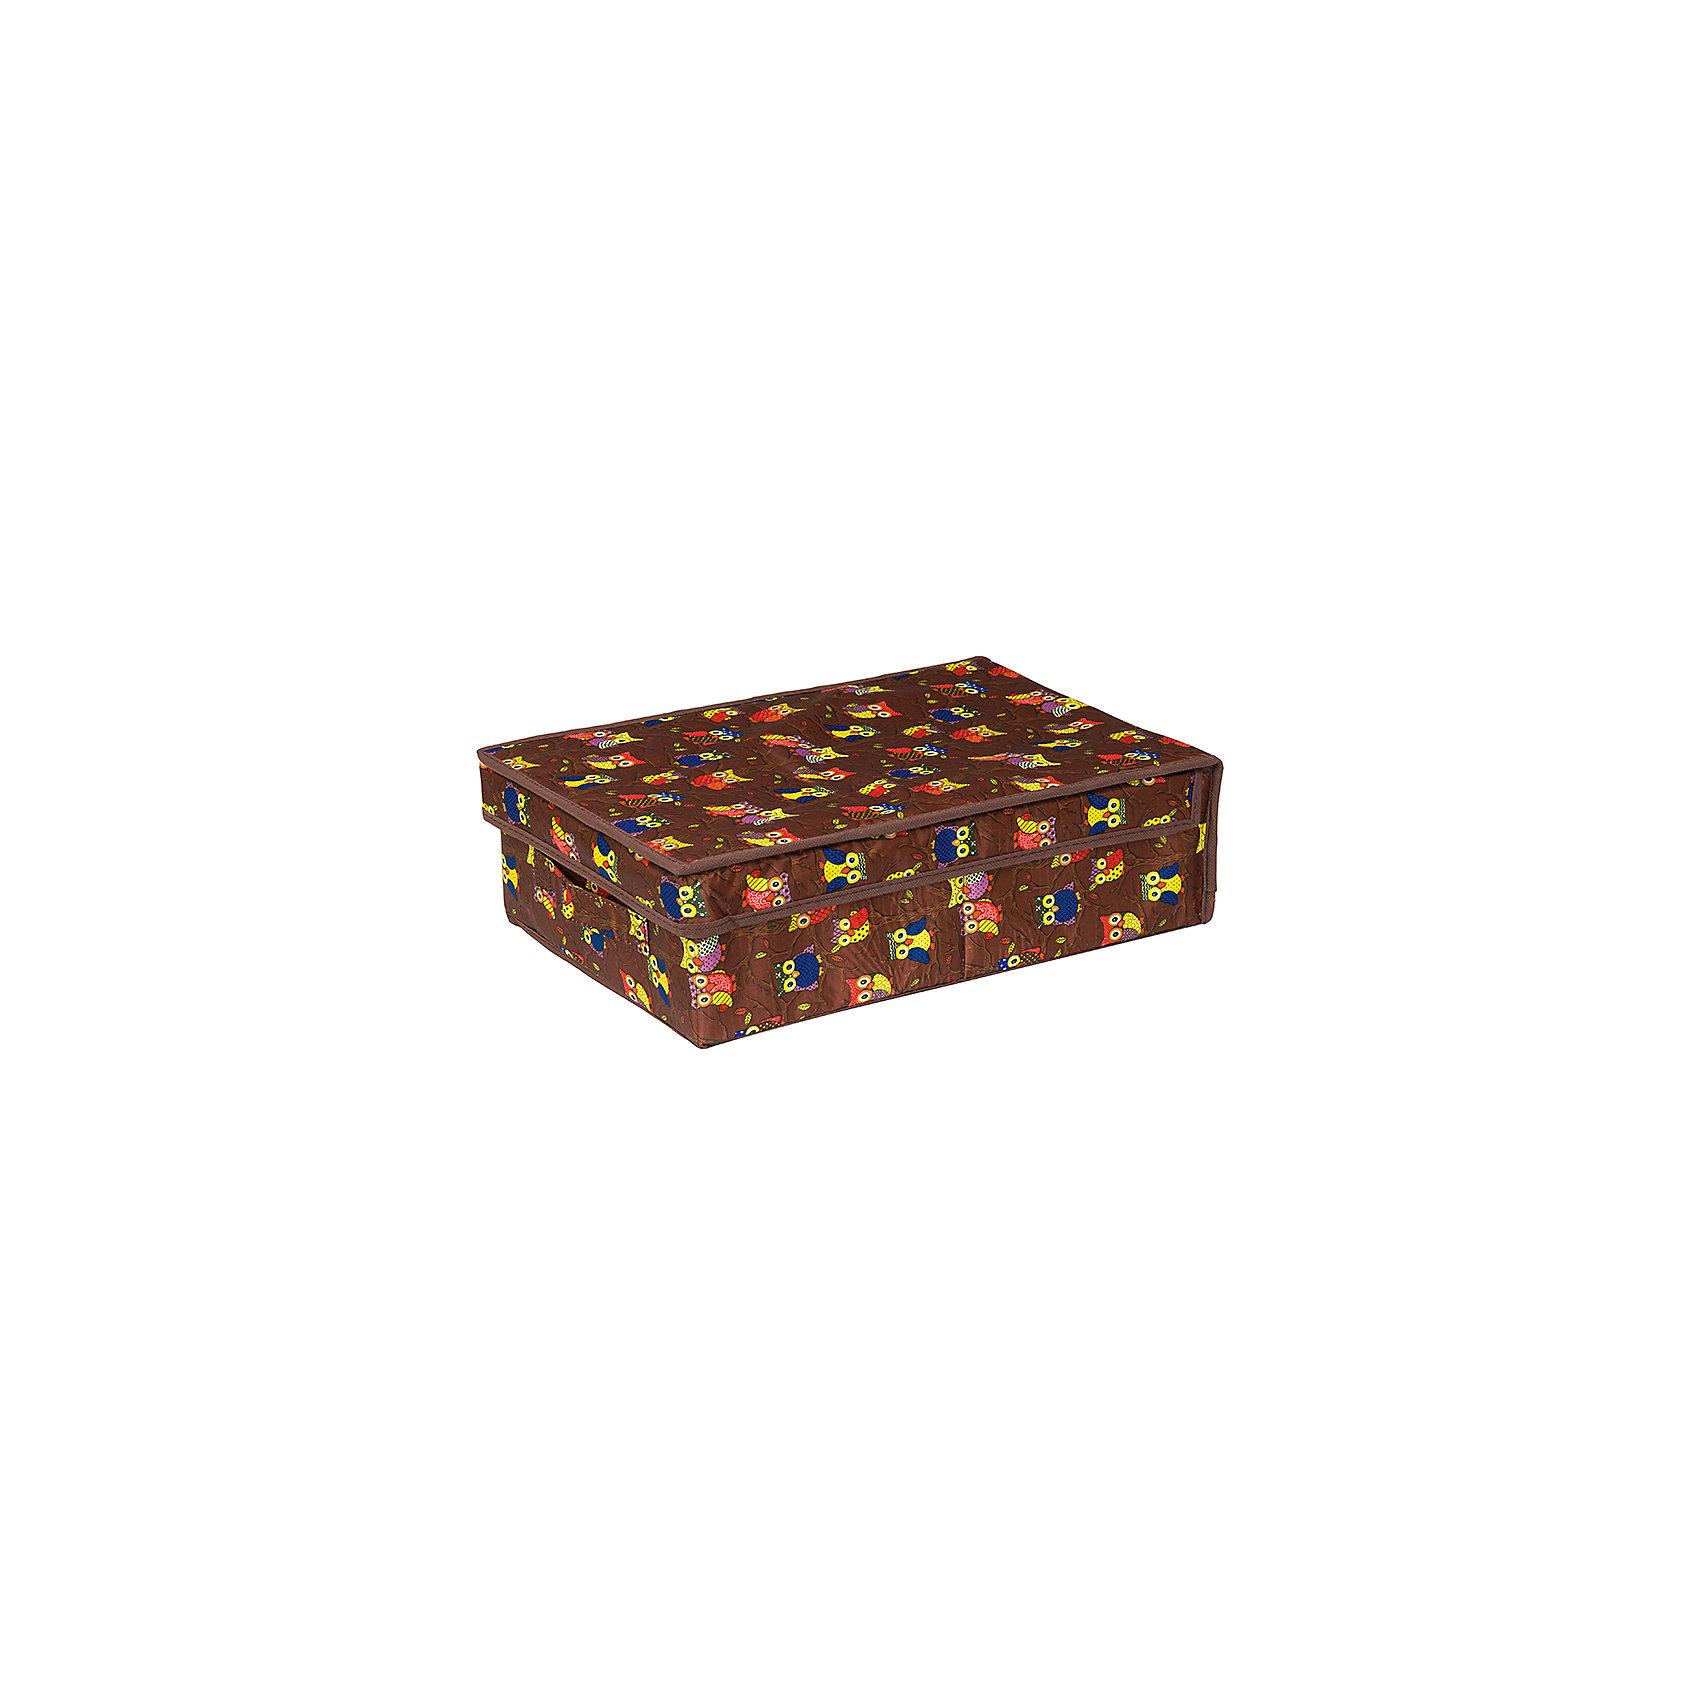 Кофр складной для хранения 27*41*12 см. Совы на ветках на коричневом, EL CasaПорядок в детской<br>Кофр  с жестким каркасом для хранения. Благодаря  специальным вставкам, кофр прекрасно держит форму, а эстетичный дизайн гармонично смотрится в любом интерьере.<br><br>Ширина мм: 415<br>Глубина мм: 270<br>Высота мм: 20<br>Вес г: 613<br>Возраст от месяцев: 0<br>Возраст до месяцев: 1188<br>Пол: Унисекс<br>Возраст: Детский<br>SKU: 6668746